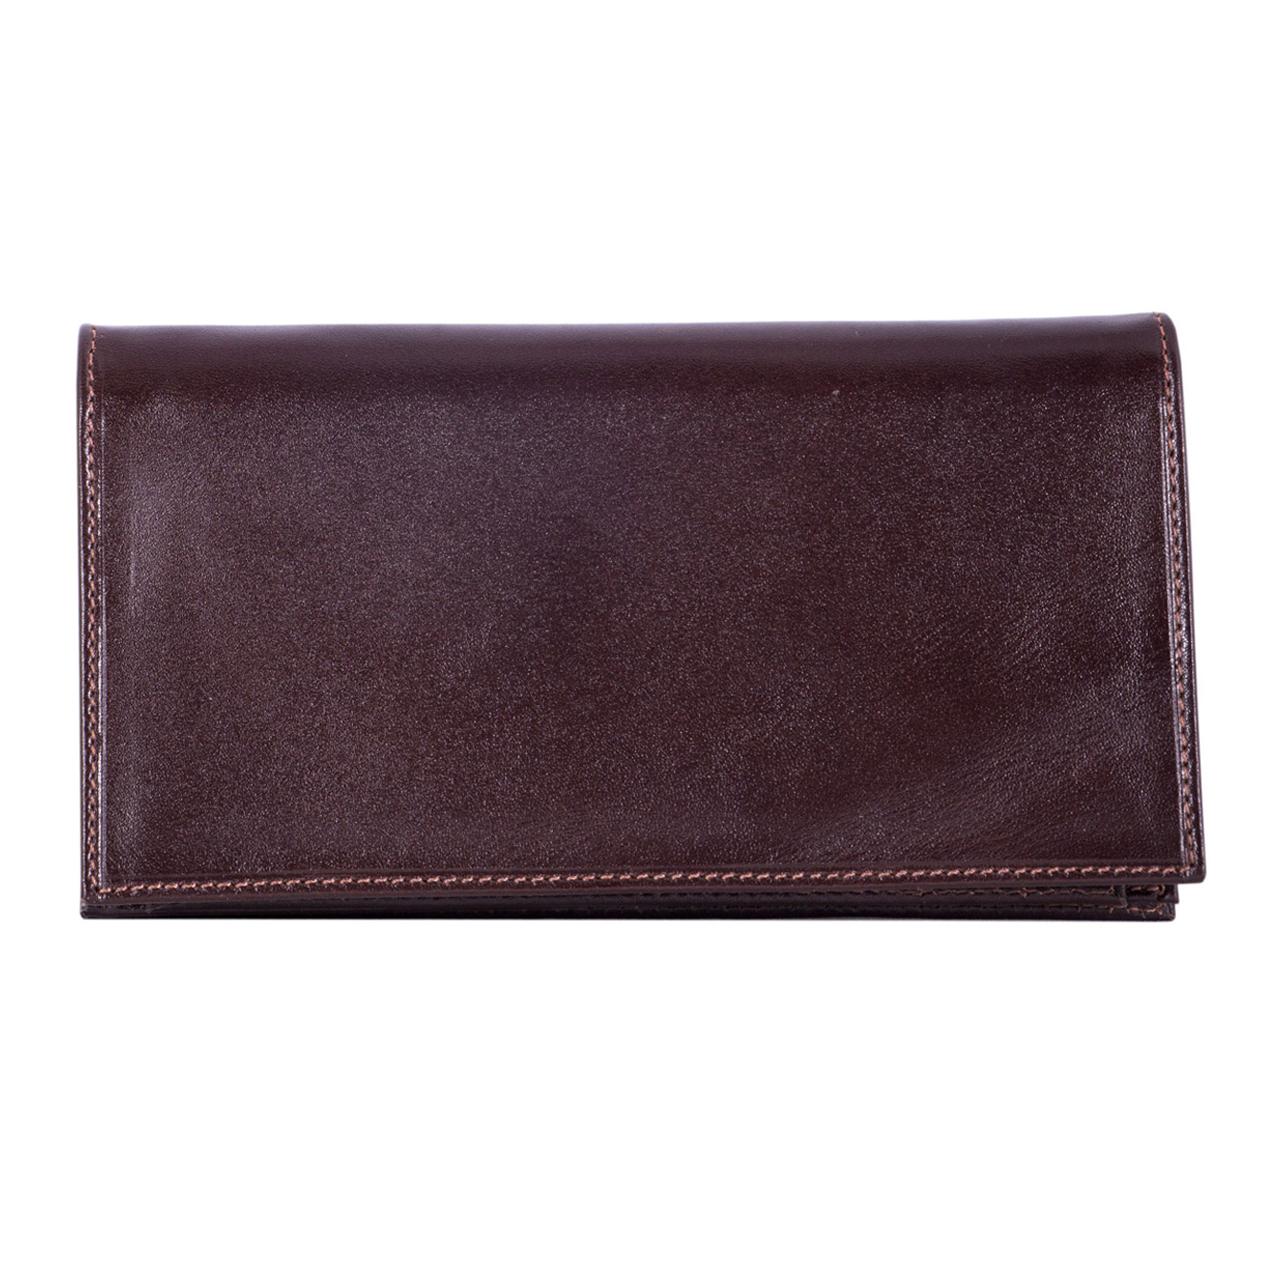 کیف پول چرم طبیعی آدین چرم مدل DM5.1